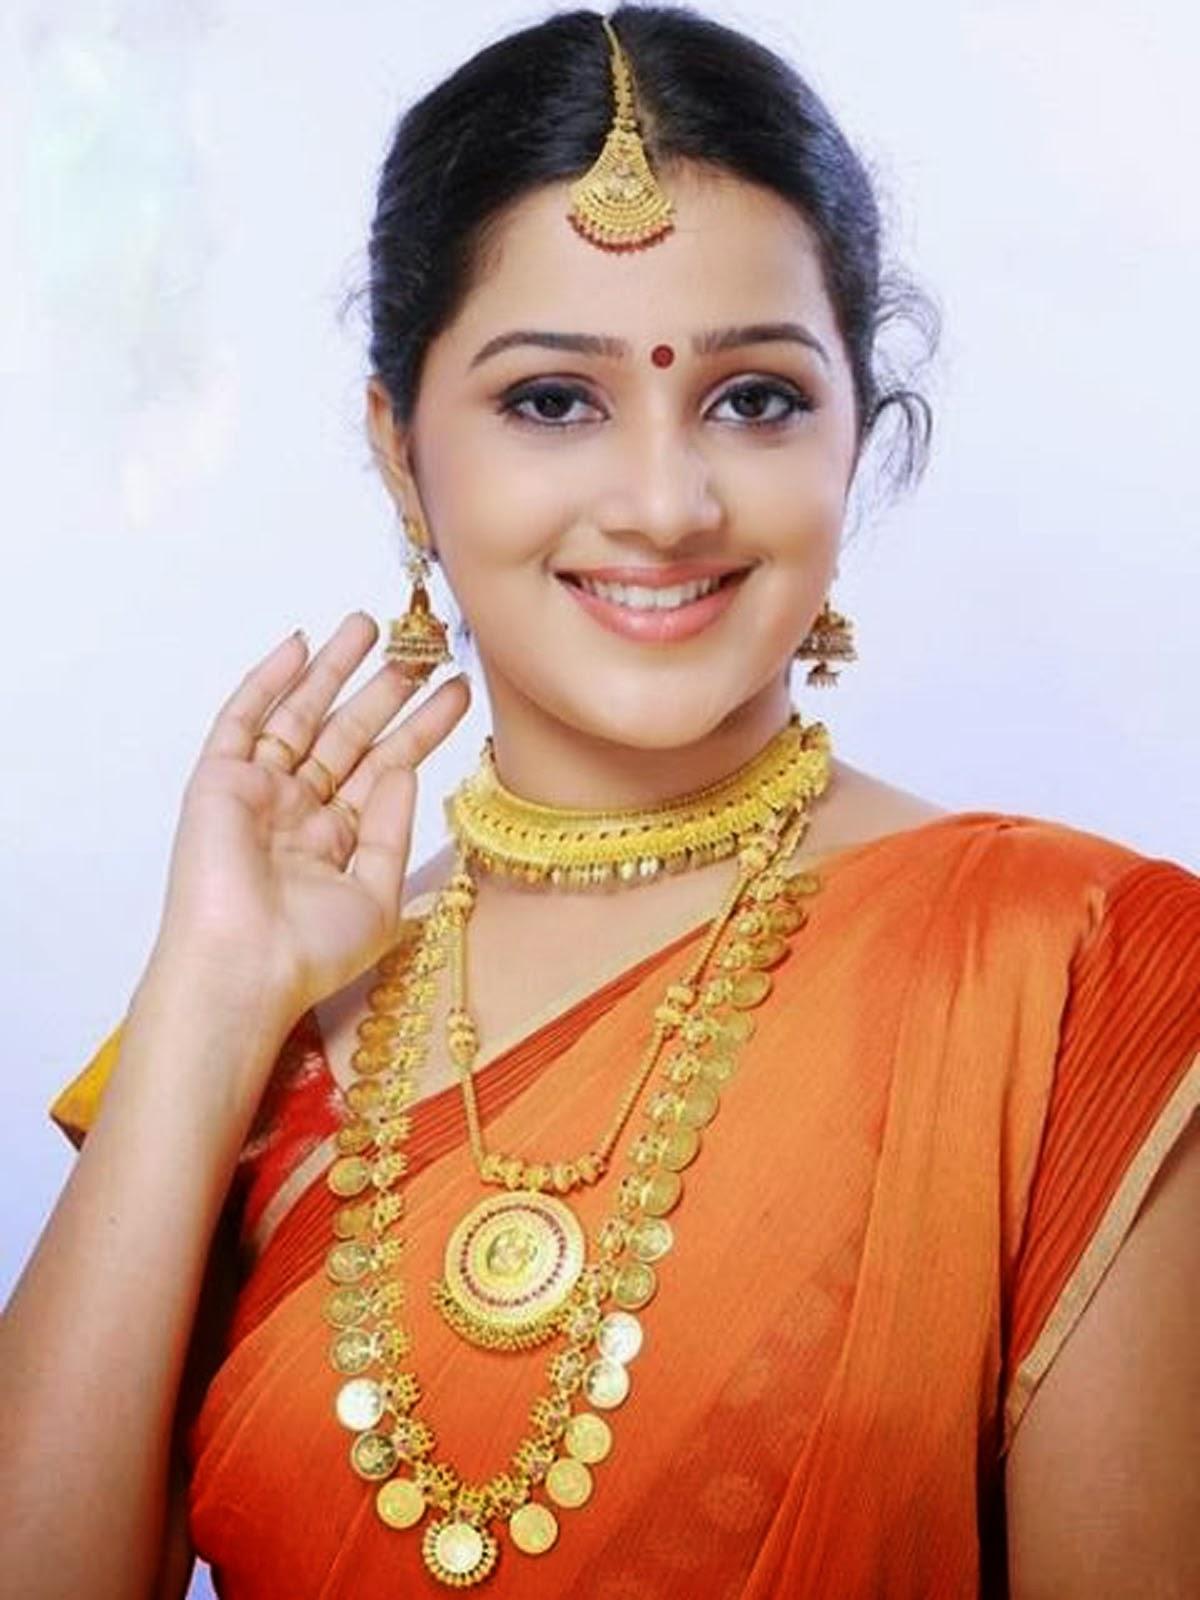 Bride price india photo essay